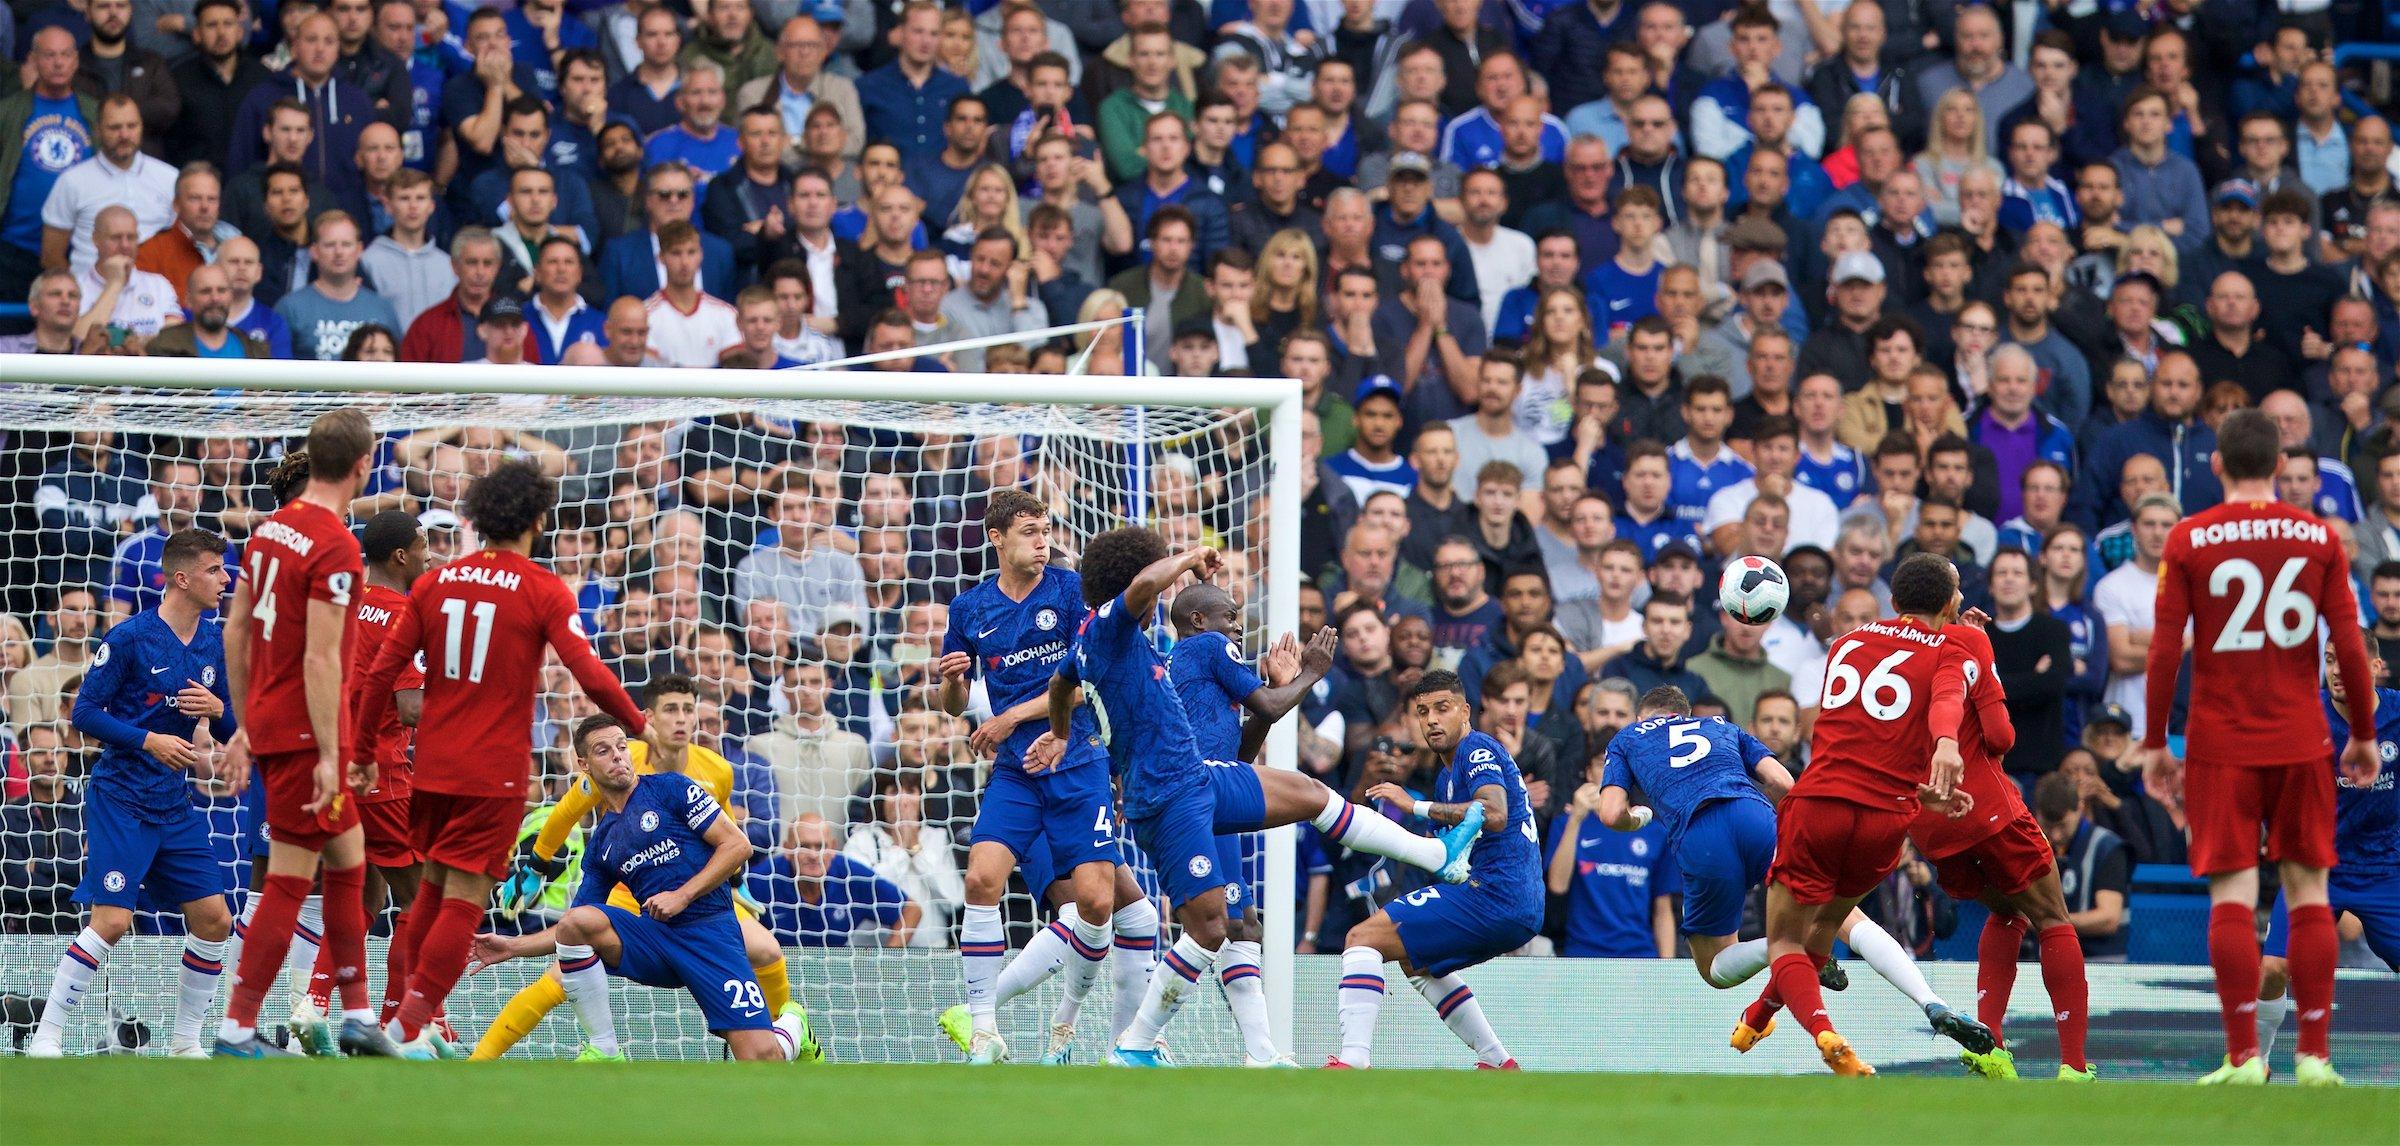 TRỰC TIẾP Chelsea 0-1 Liverpool: Siêu phẩm sút xa mở tỷ số (H1) - Bóng Đá